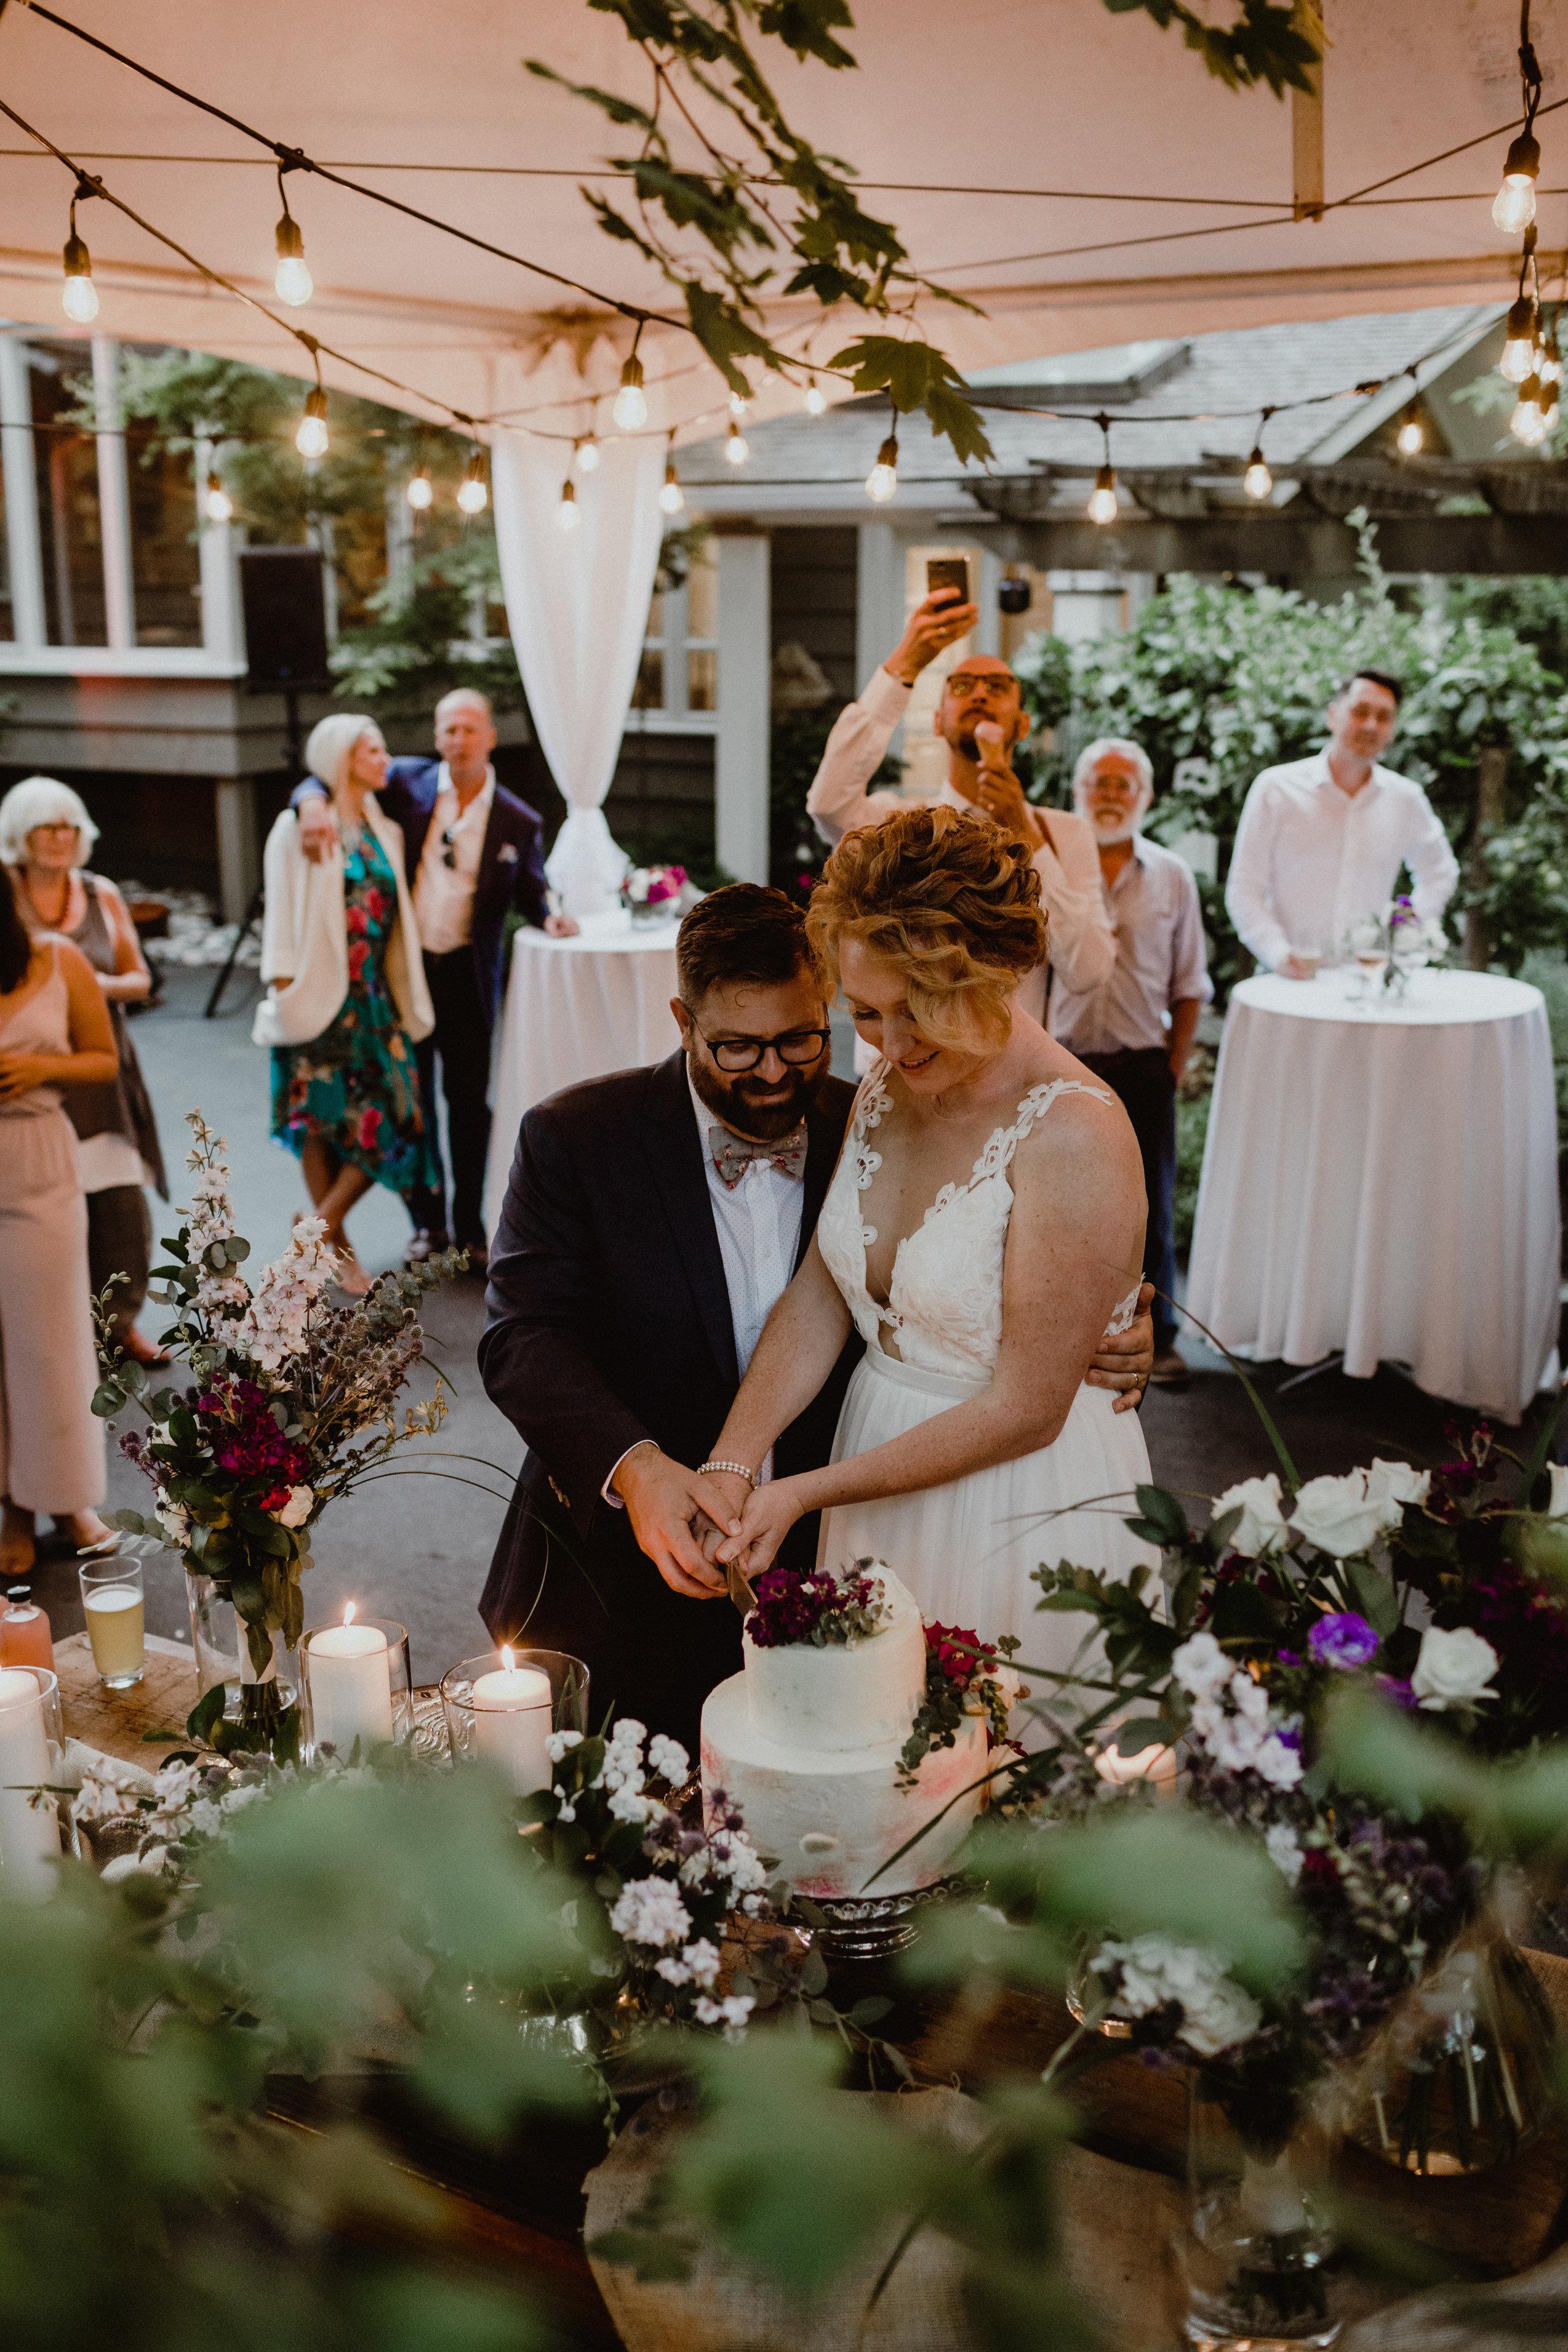 west-vancouver-backyard-wedding-270.jpg